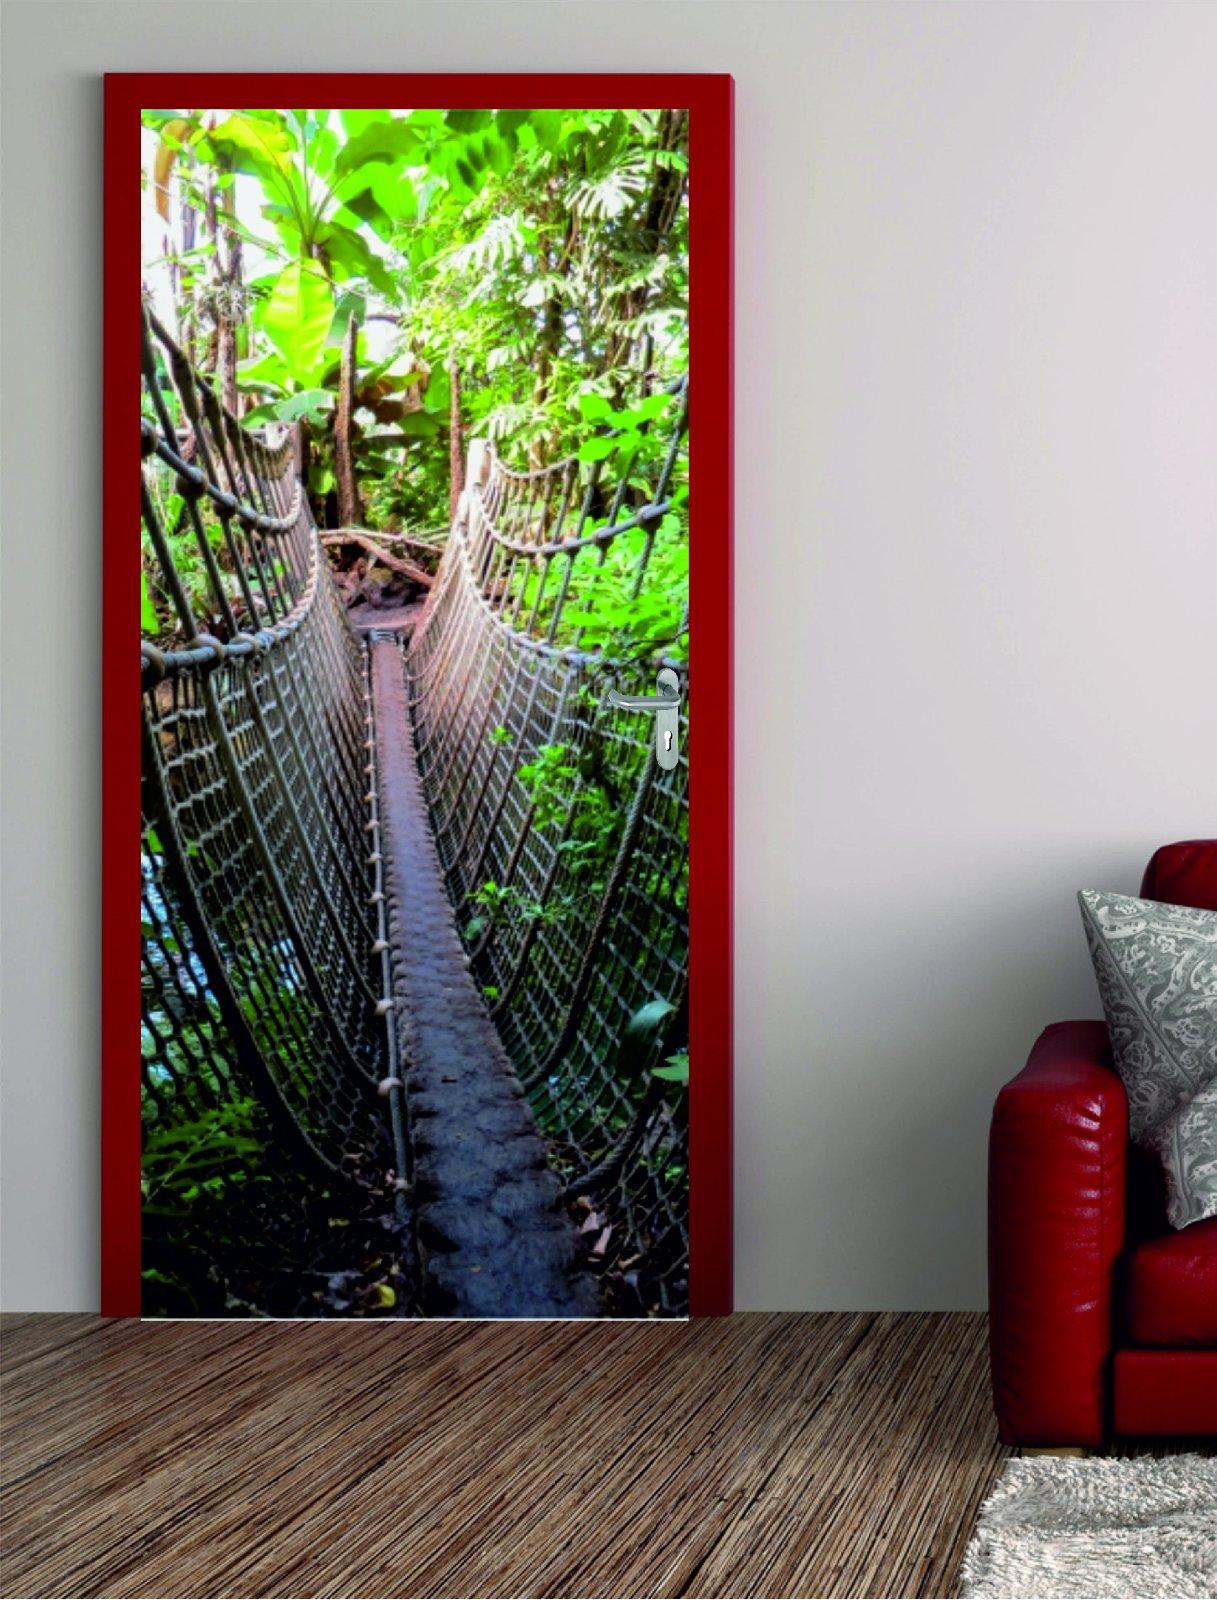 t rposter h ngebr cke t raufkleber t rfolie t rtapete. Black Bedroom Furniture Sets. Home Design Ideas